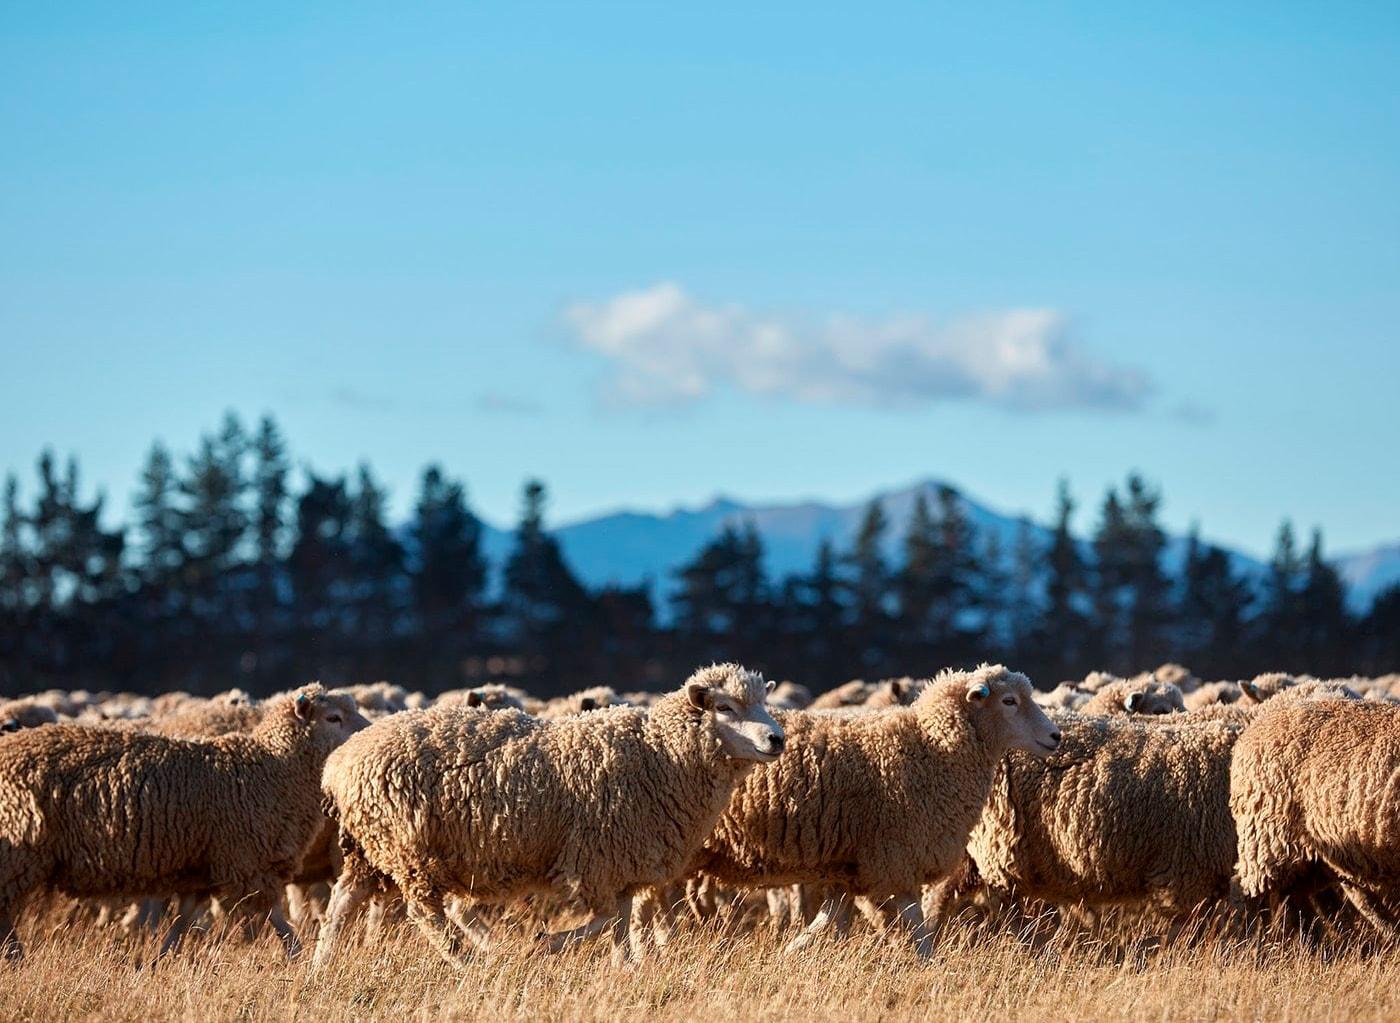 木々や山々をバックに、陽射しを浴びながら、放牧されている数百頭もの羊たち。